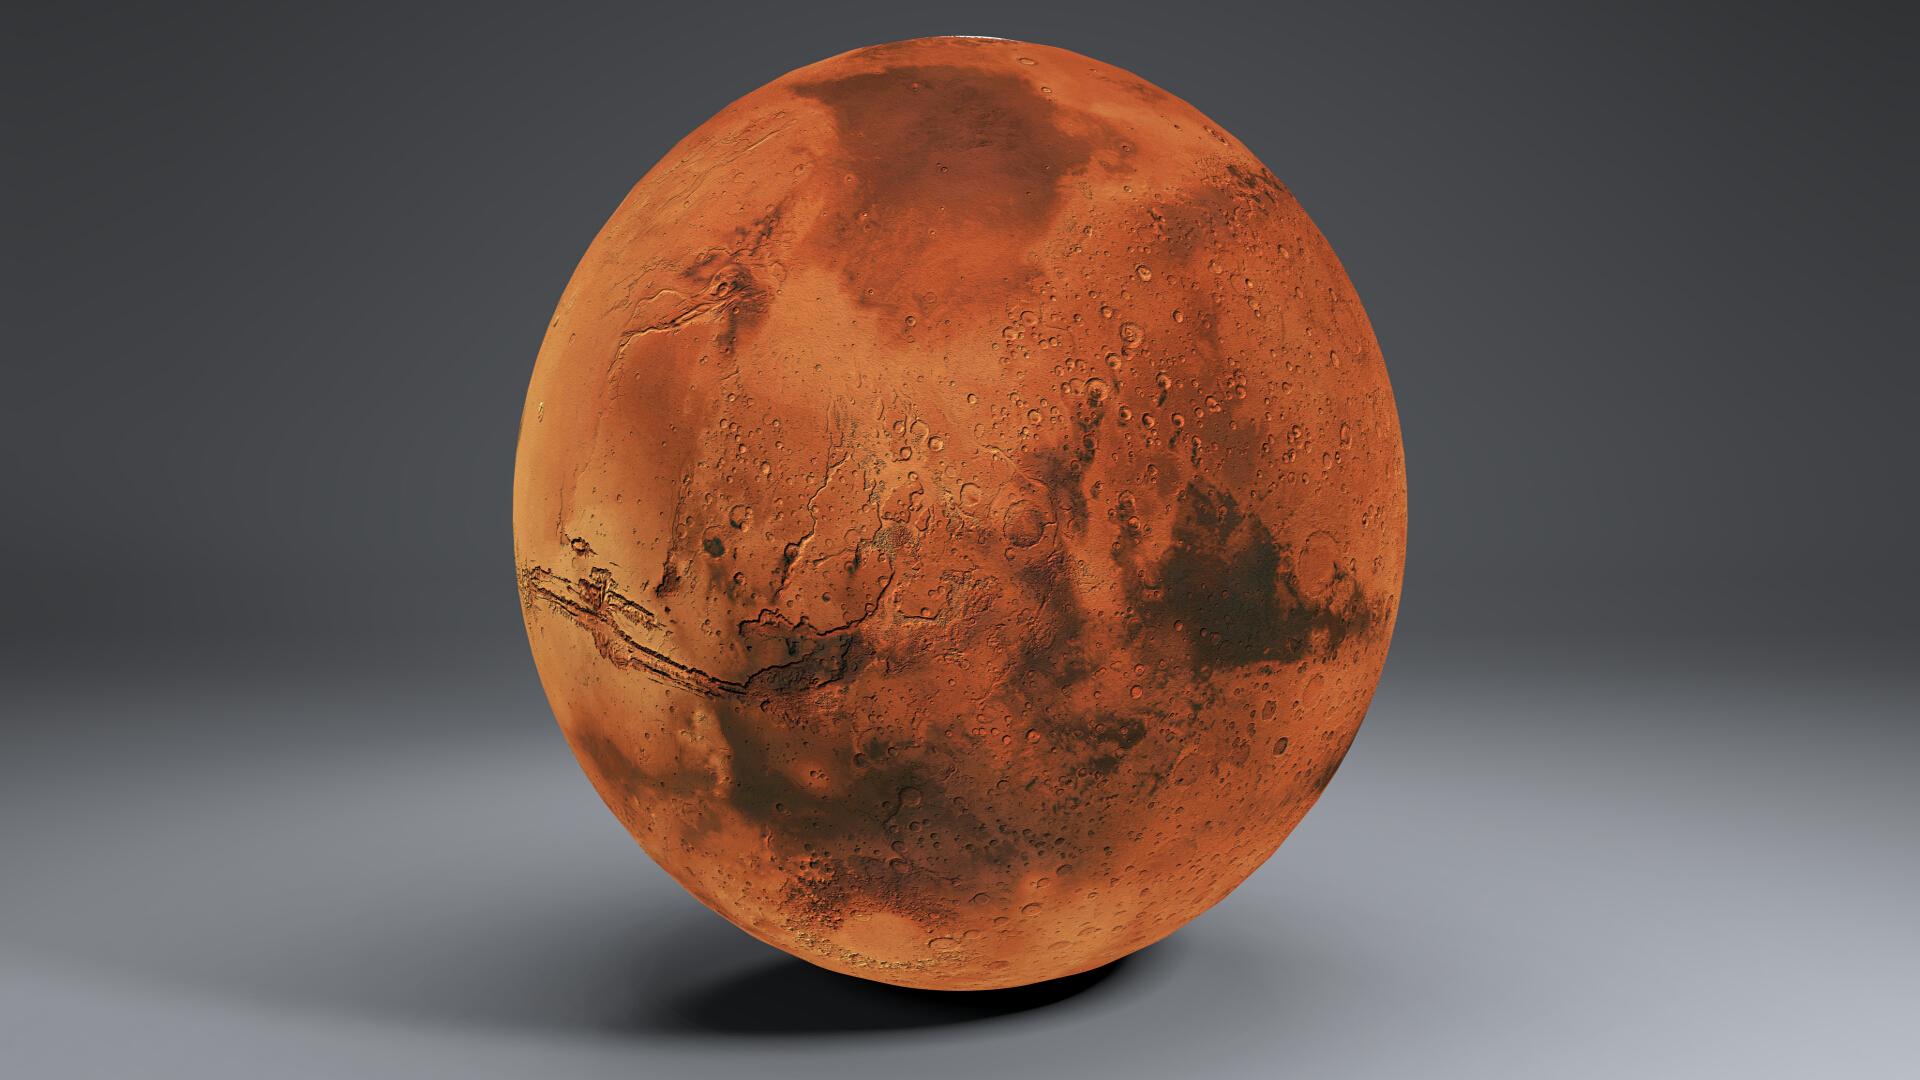 Mars 8k globe 3d model 3ds fbx qarışığı da 223128